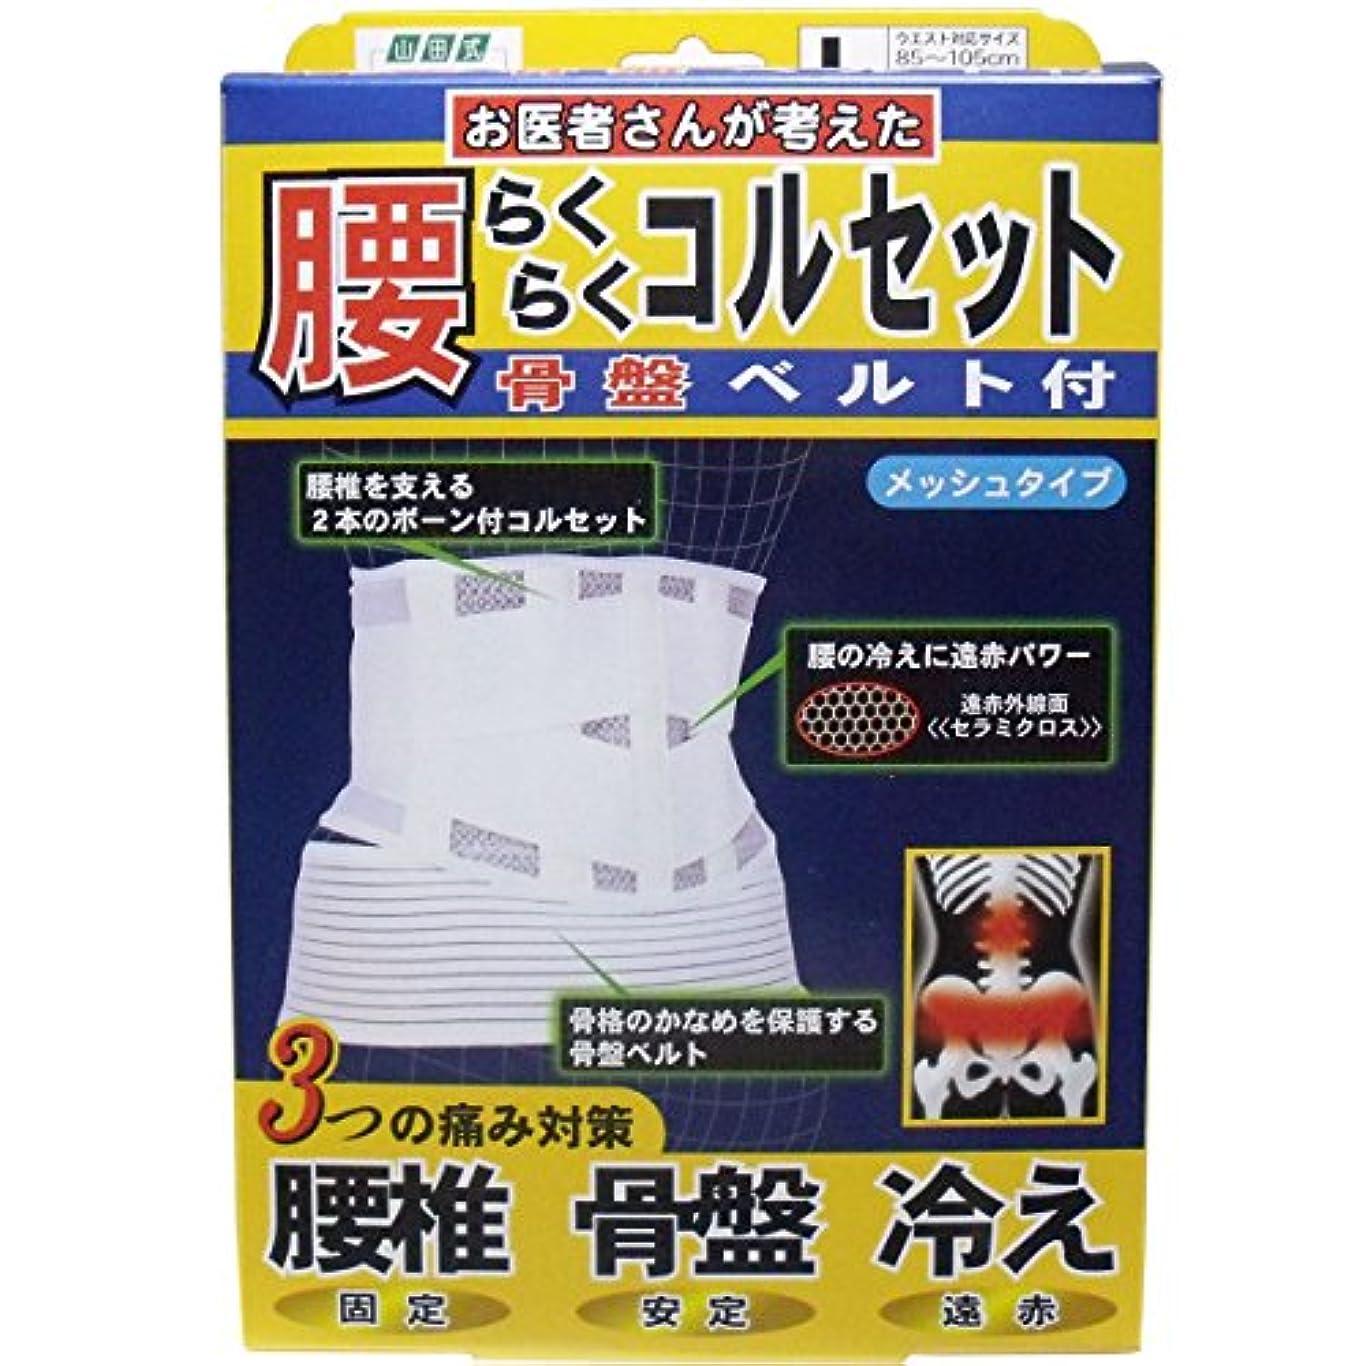 腰らくらくコルセット 骨盤ベルト付 メッシュタイプ Lタイプ【2個セット】